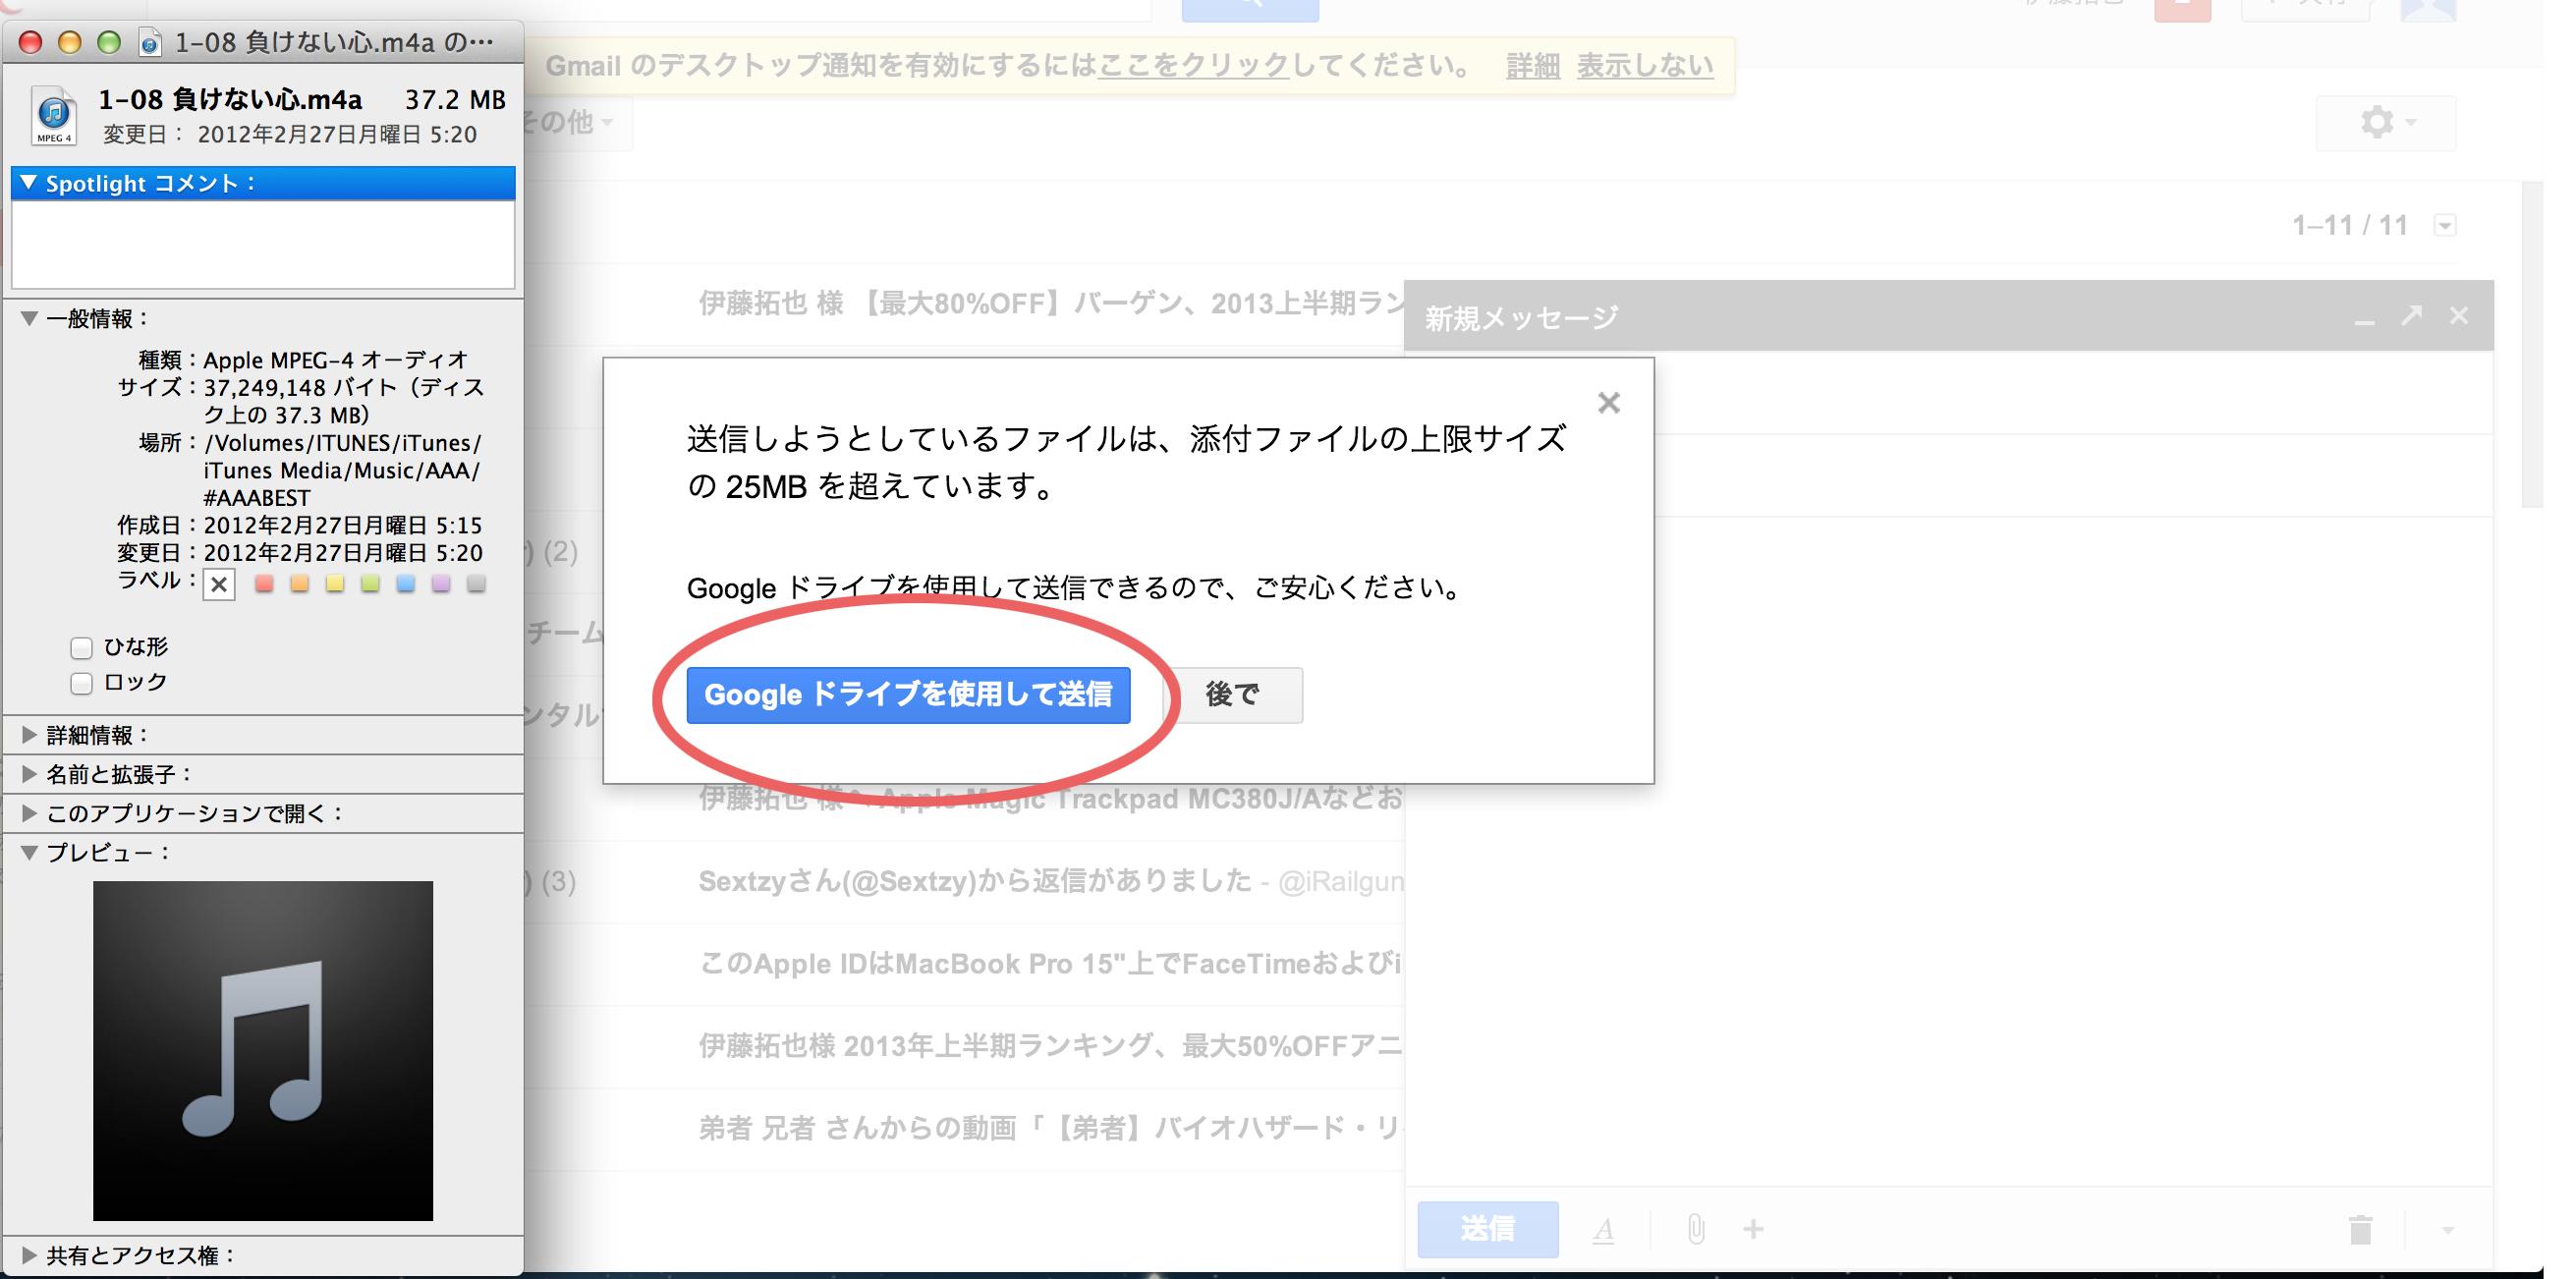 スクリーンショット 2013-06-14 21.04.50